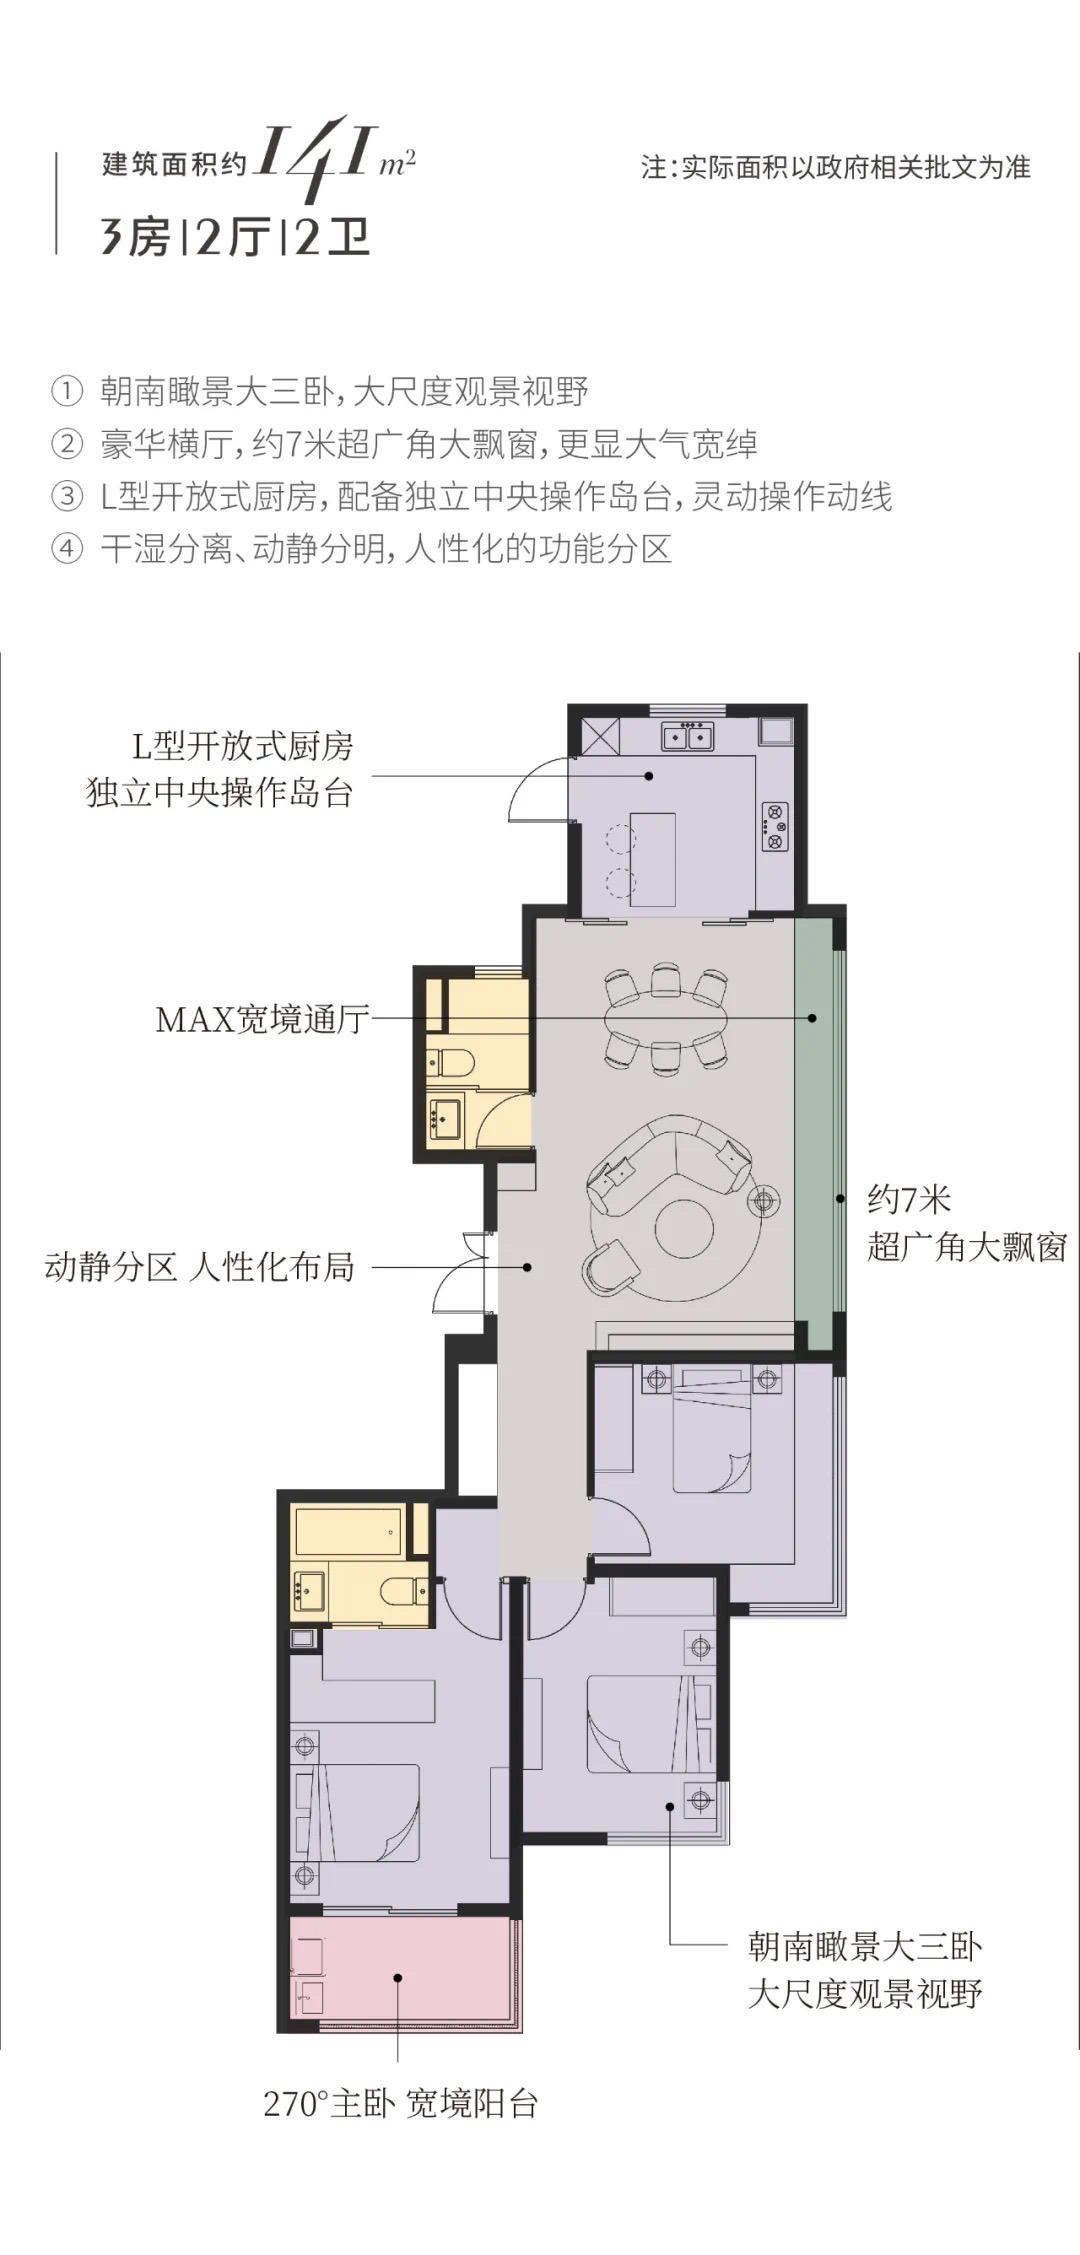 141 m²3房2厅2卫户型图